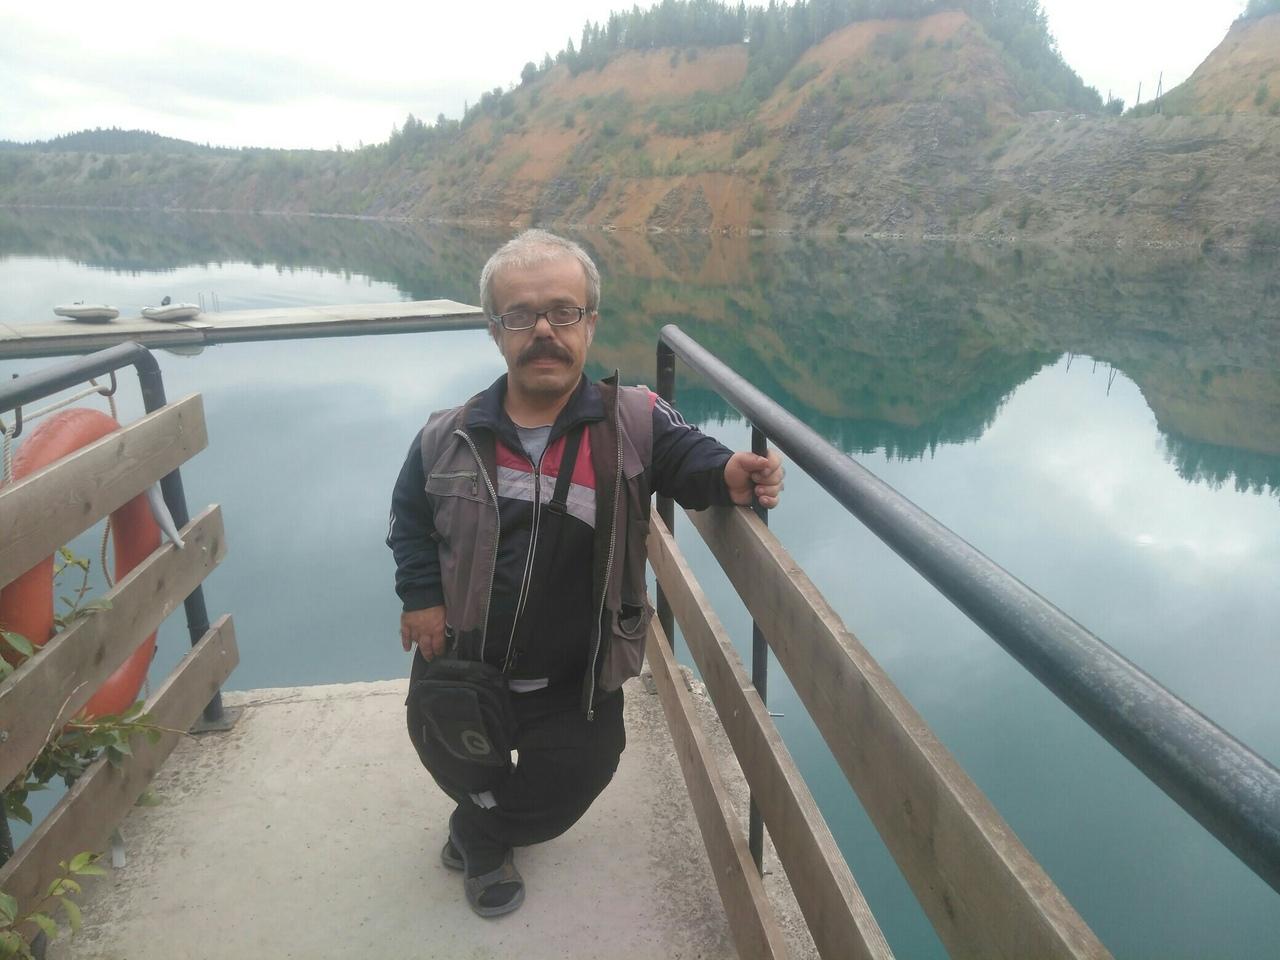 Алексей любит выбираться из родной Губахи поближе к красивым местам. Здесь он на Голубых озерах